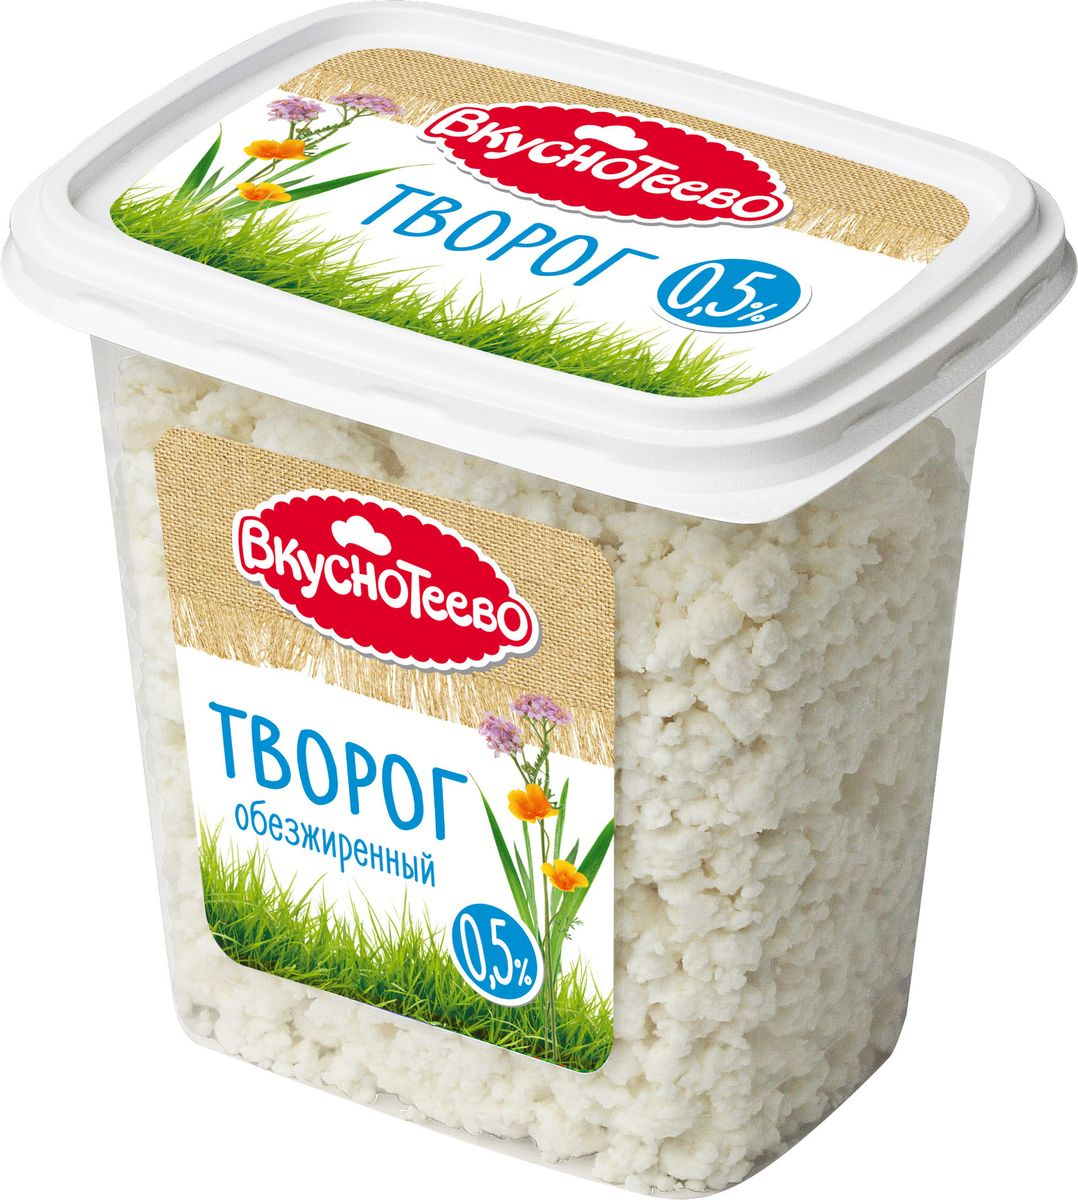 Вкуснотеево Творог 0,5%, 300 г вкуснотеево йогурт с черникой питьевой 1 5% 750 г